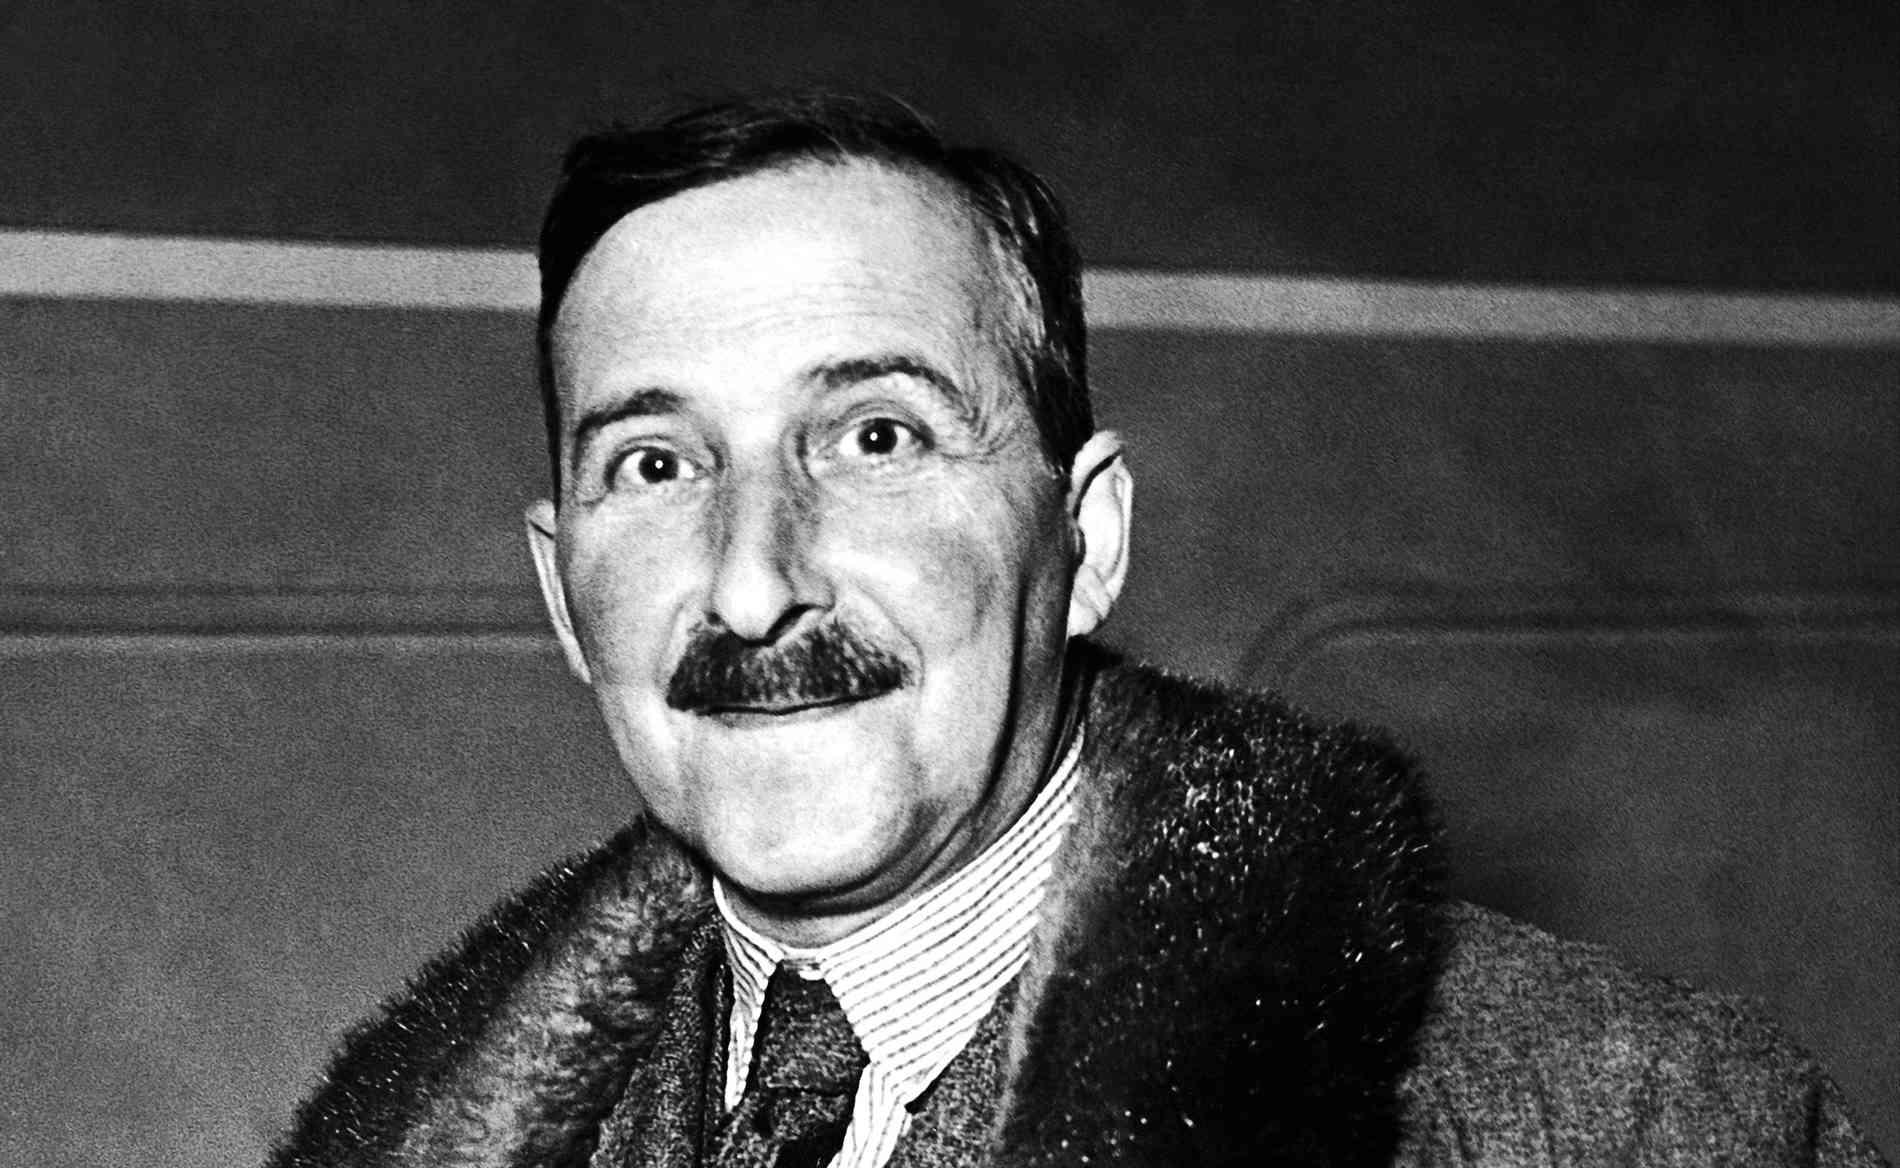 7. Stefan Zweig